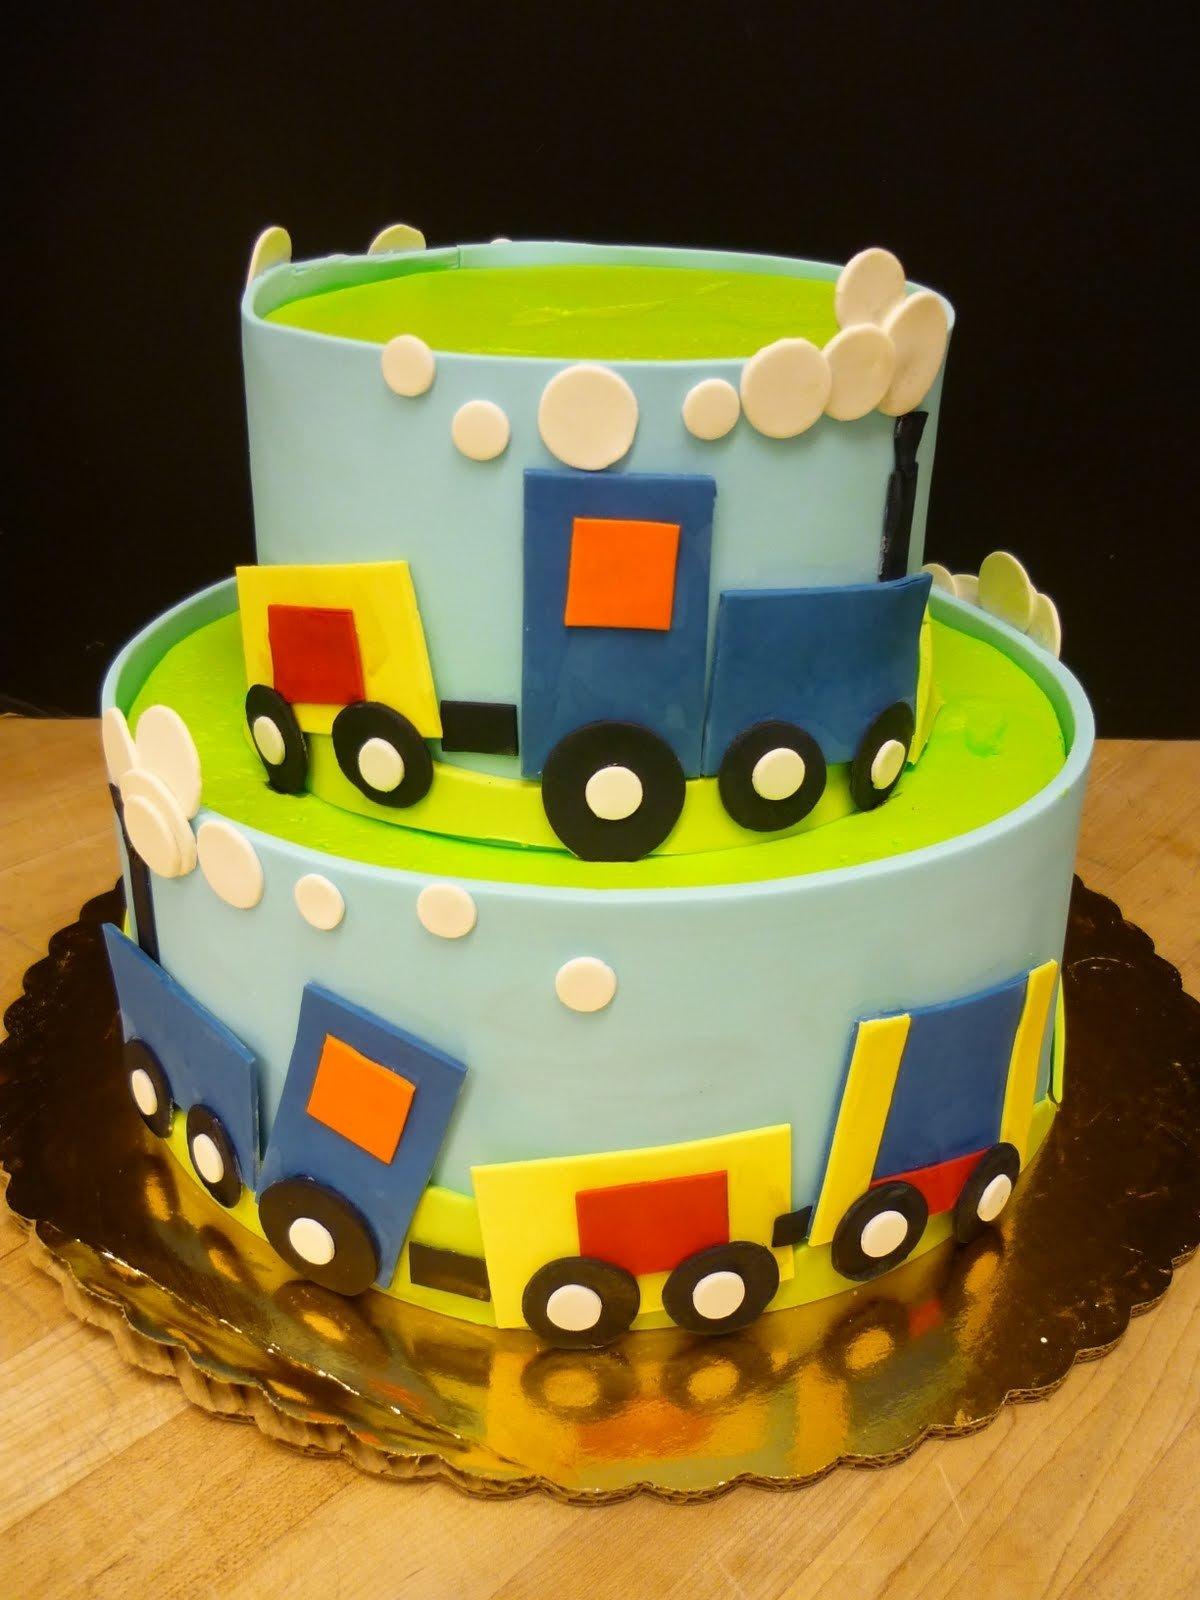 10 Amazing 2 Year Old Birthday Cake Ideas cake ideas for 15 year old boy birthday cakes images full color boy